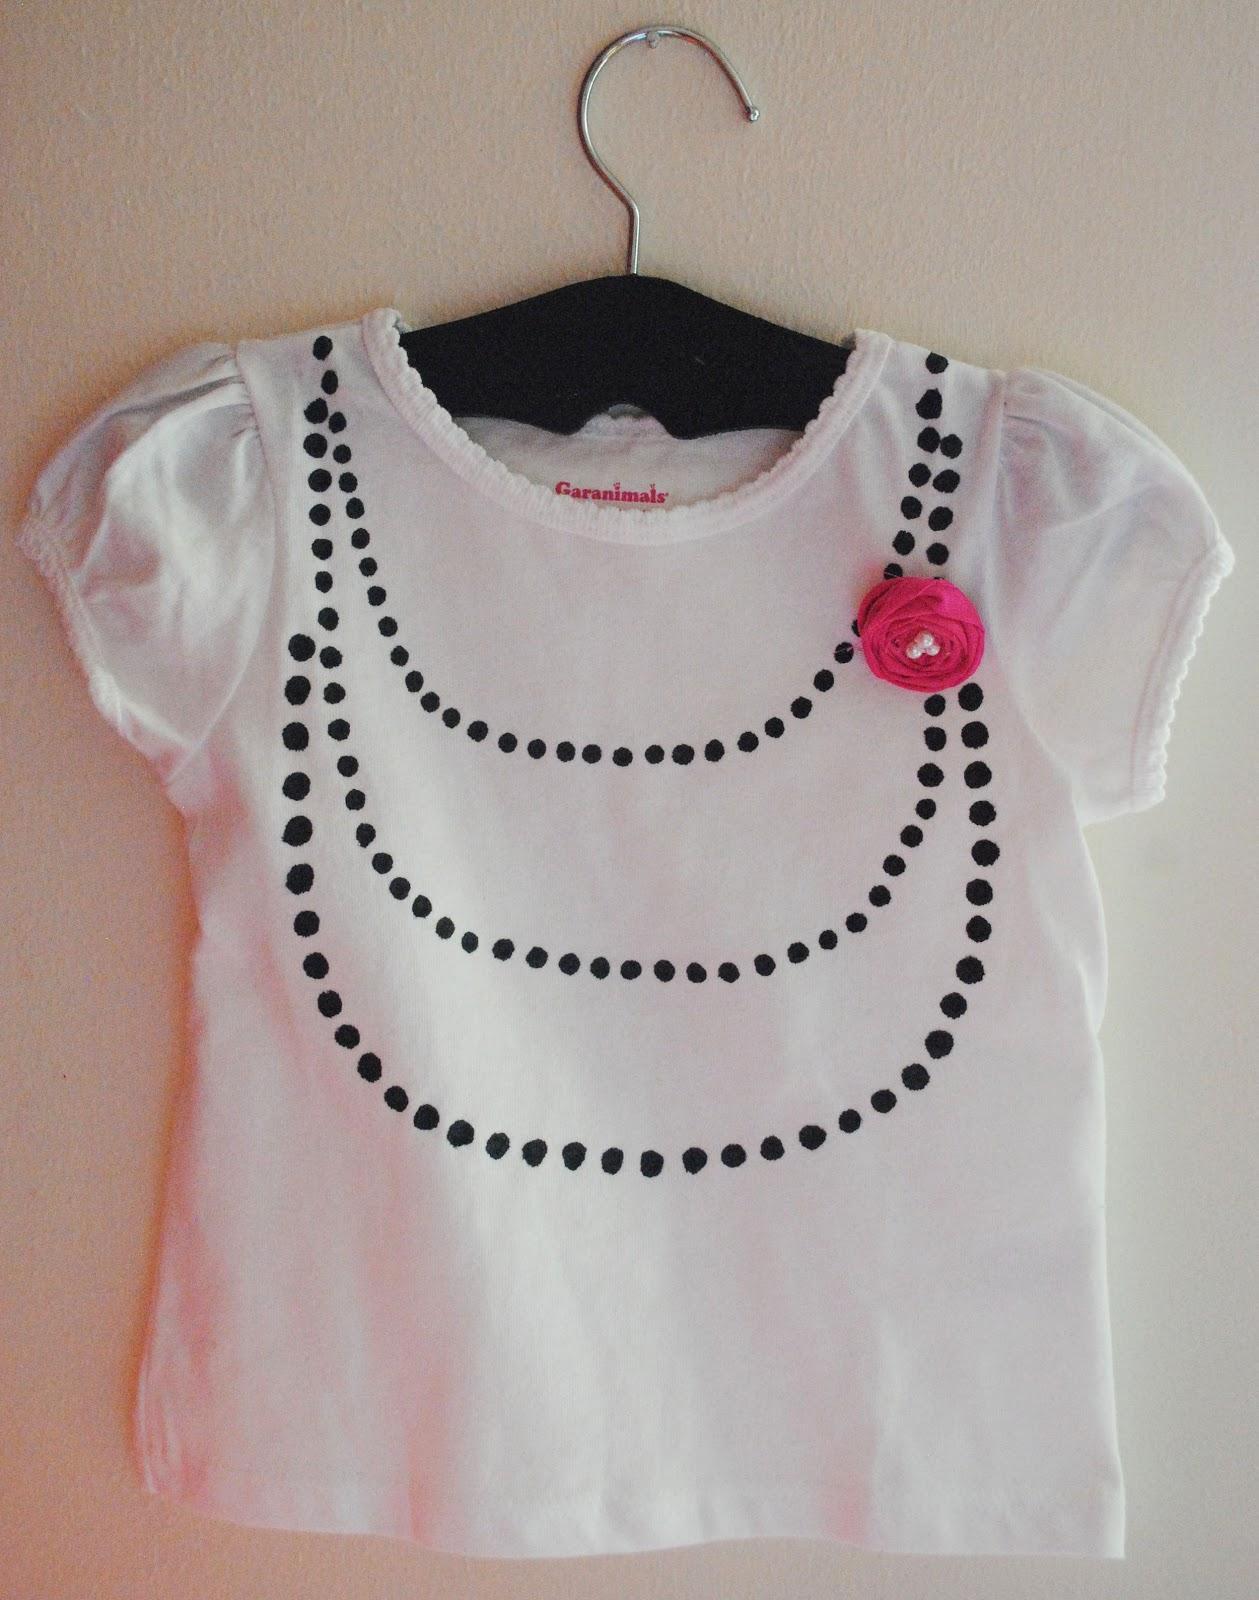 Como personalizar body e camisetas infantis - Dicas pra Mamãe